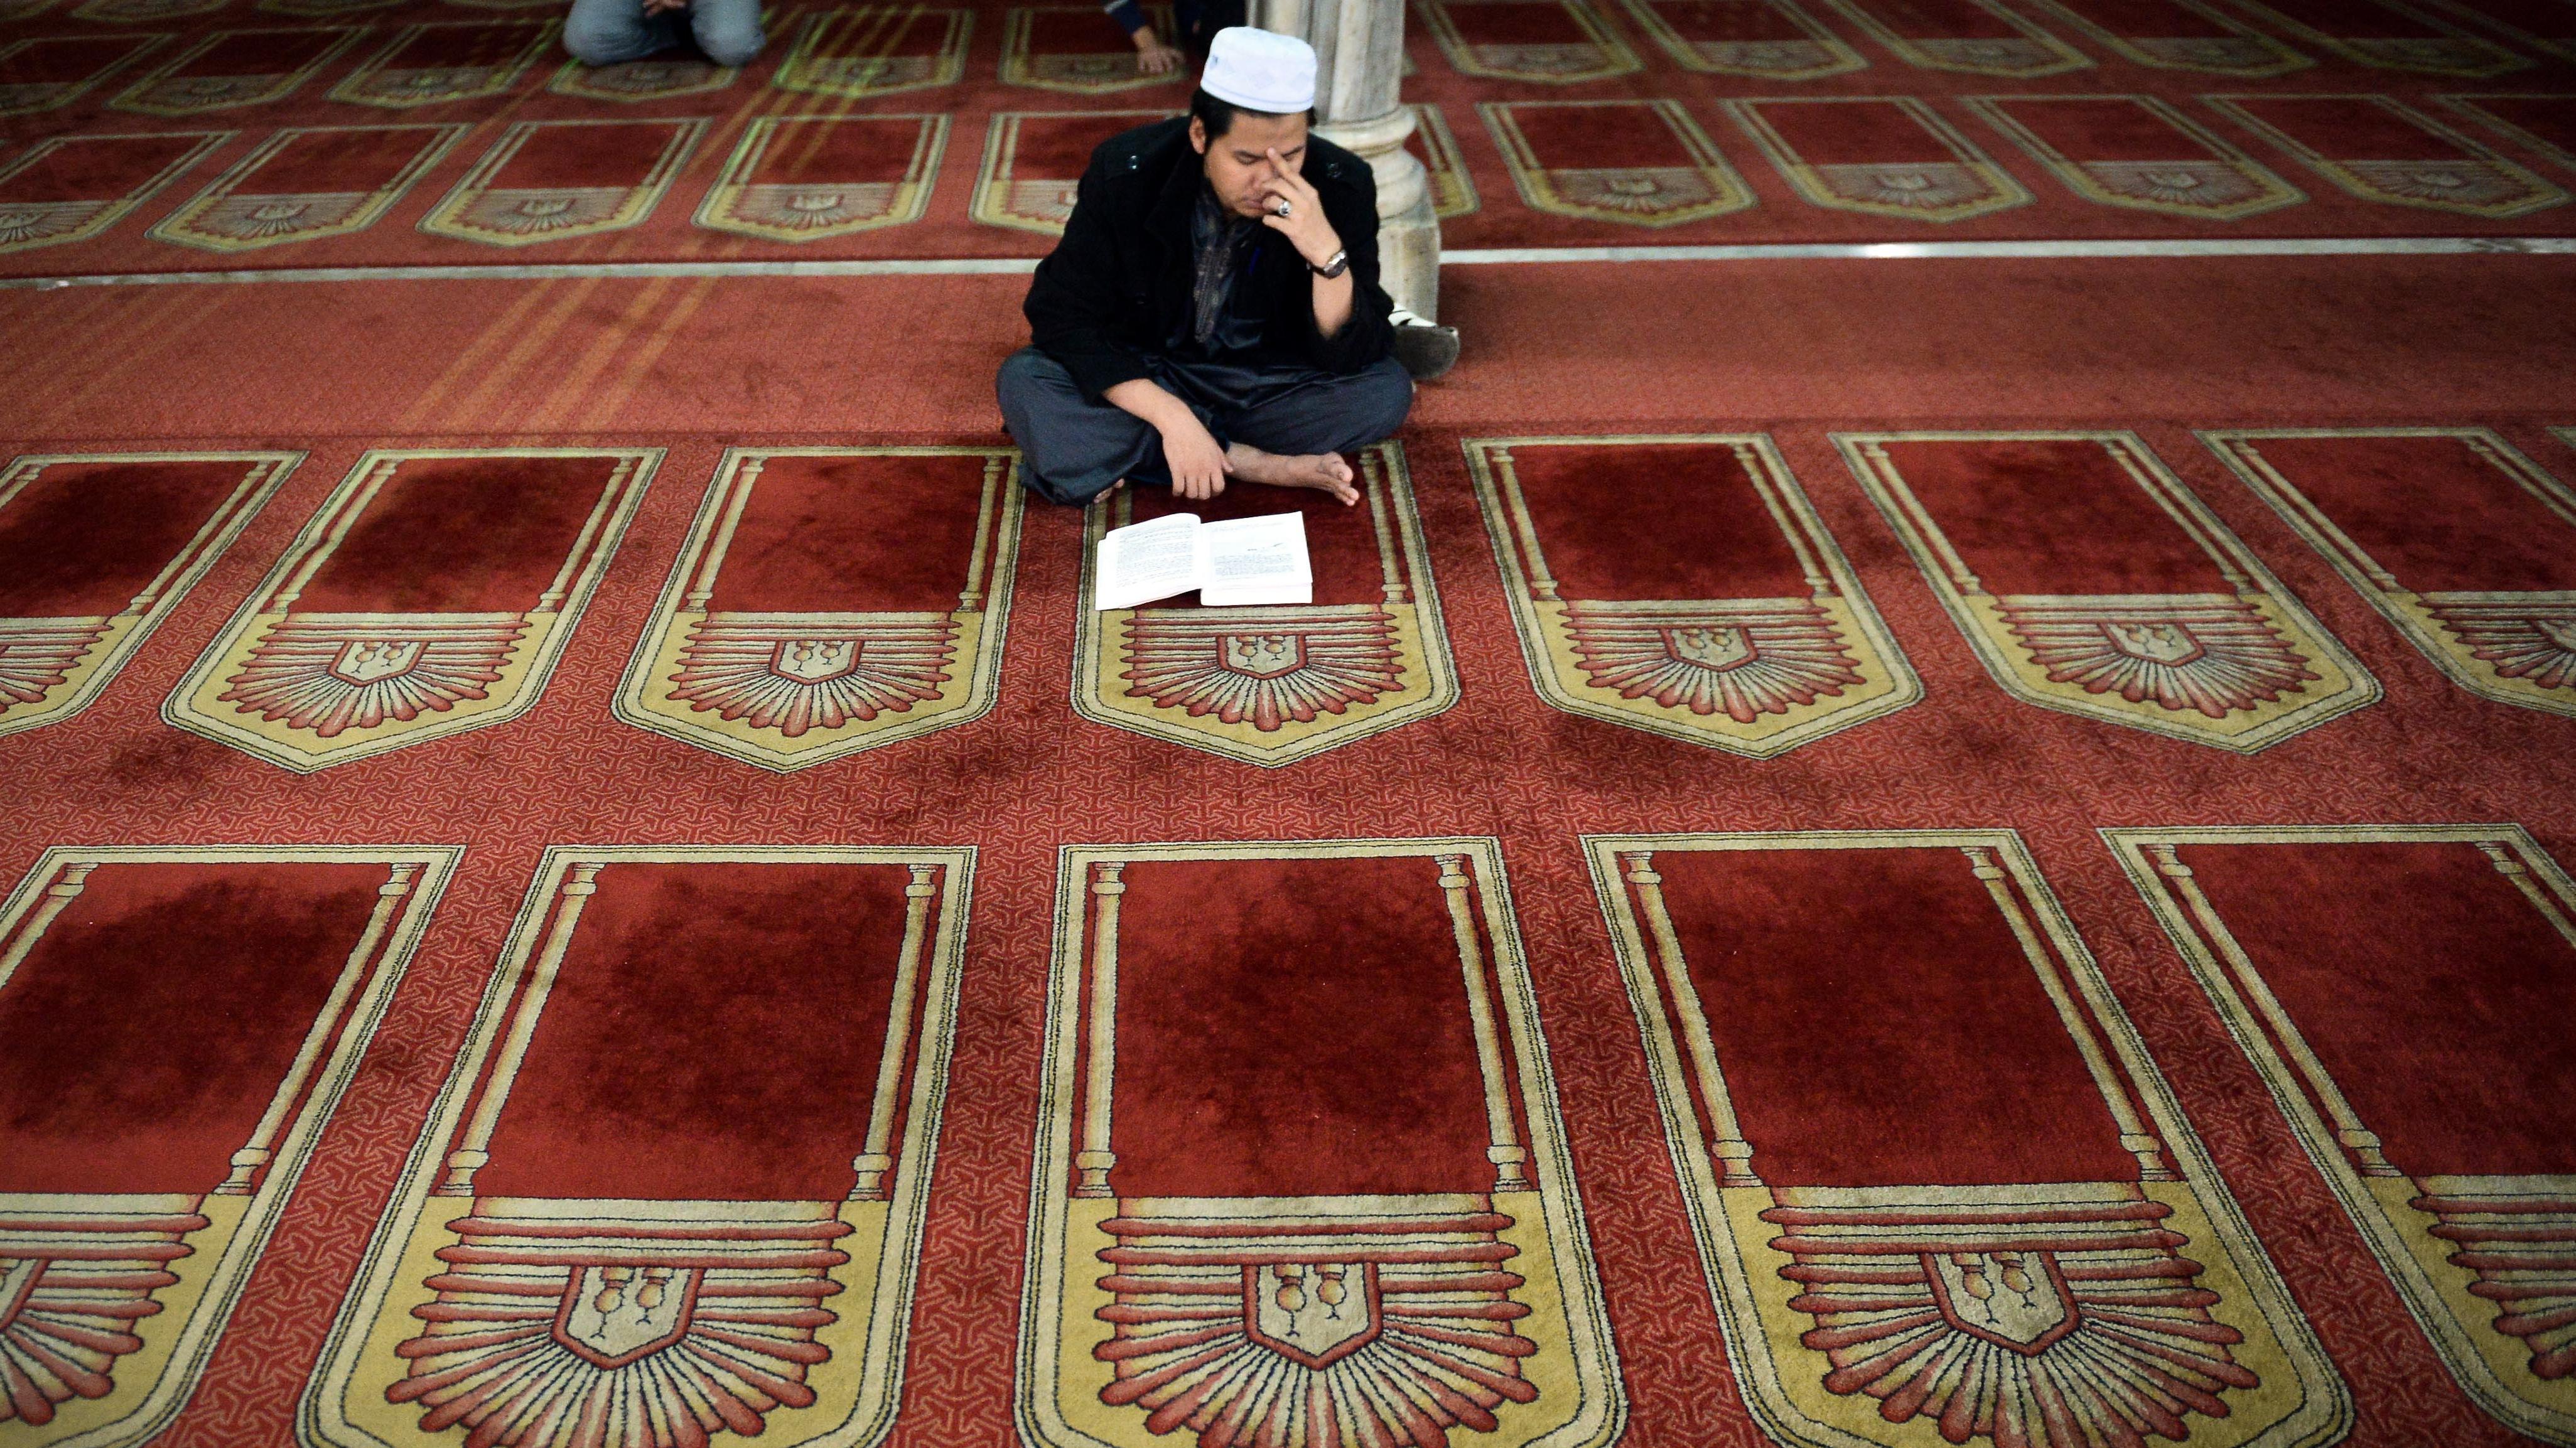 Die Männerbilder des Korans